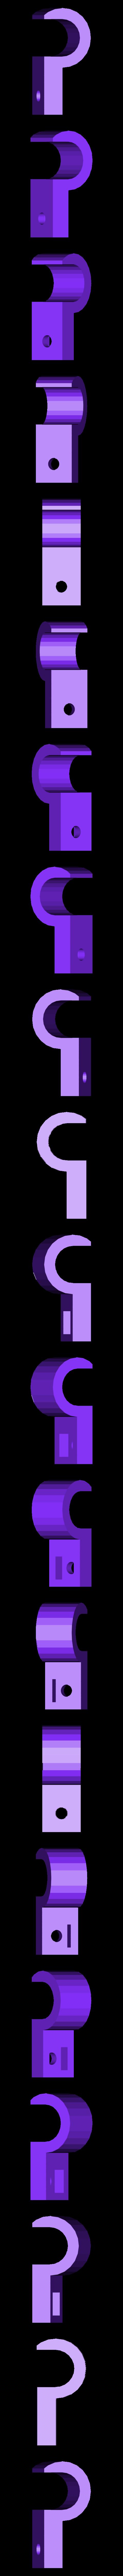 fixation 2 pour geetech lampe non publier.stl Télécharger fichier STL gratuit support lampe à led pour pursa i3 pro c duel extrudeur • Design à imprimer en 3D, YOHAN_3D